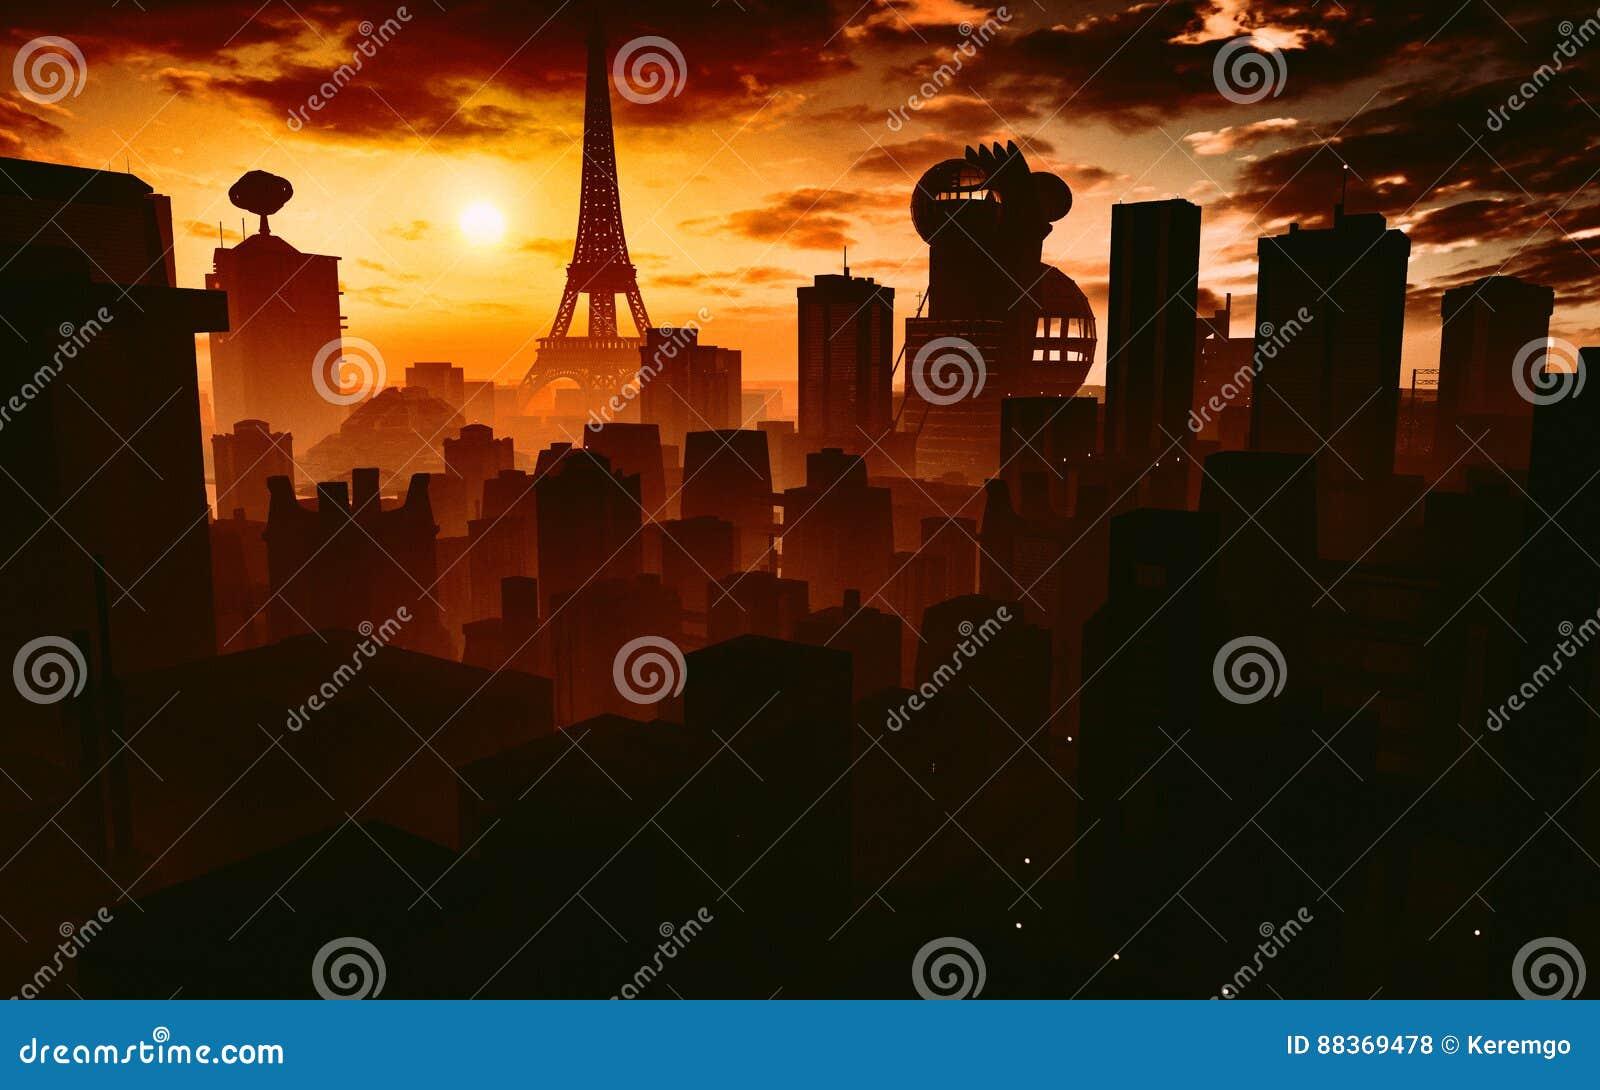 Париж в будущем